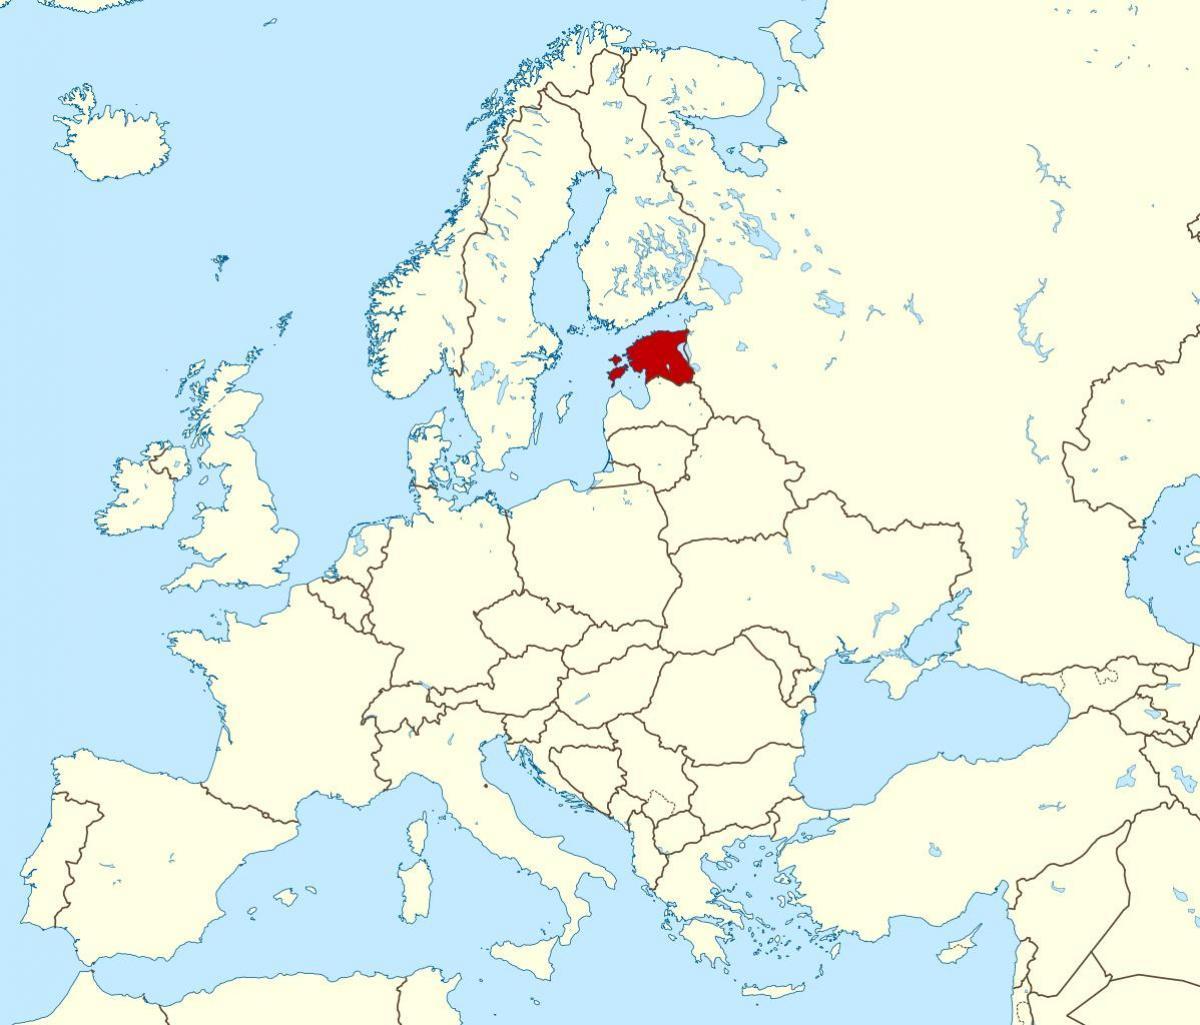 Estonsko V Mape Sveta Estonska Umisteni Na Mape Sveta Severni